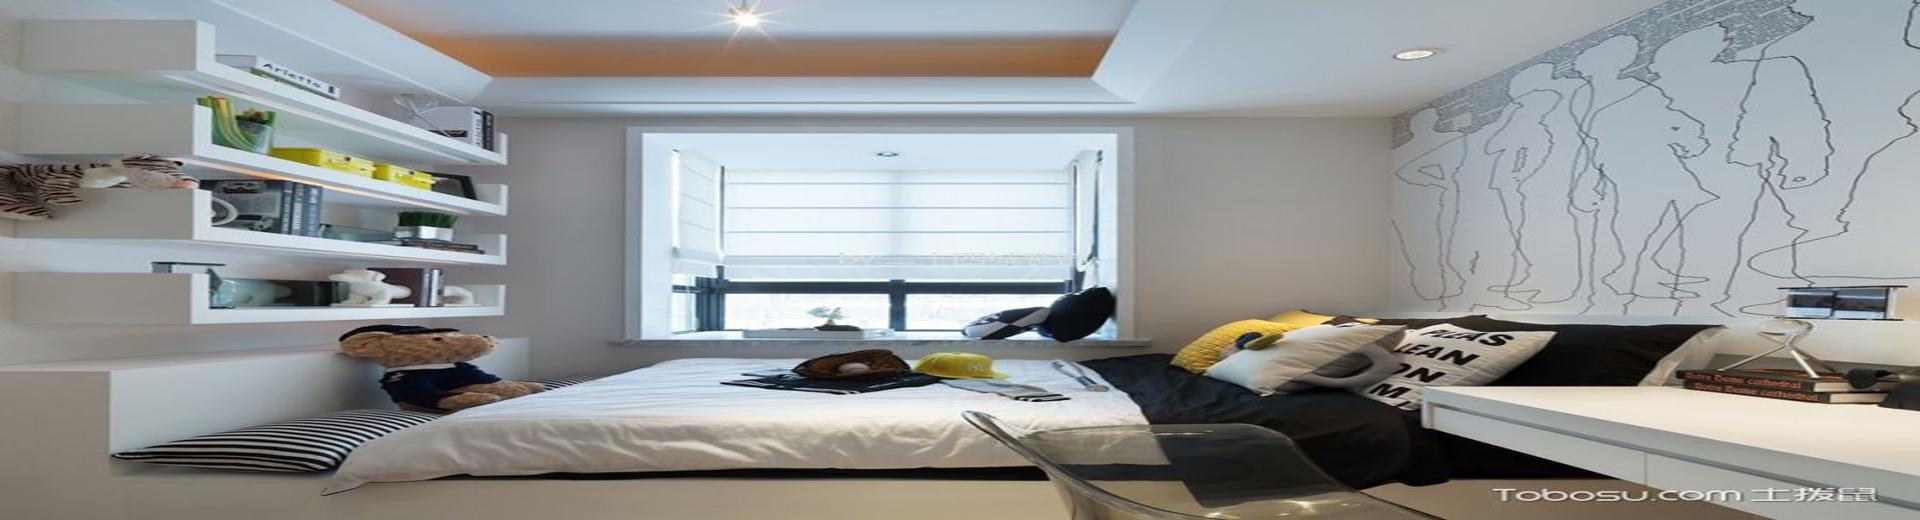 臥室榻榻米裝飾效果圖,打造清潔舒適的睡夢空間